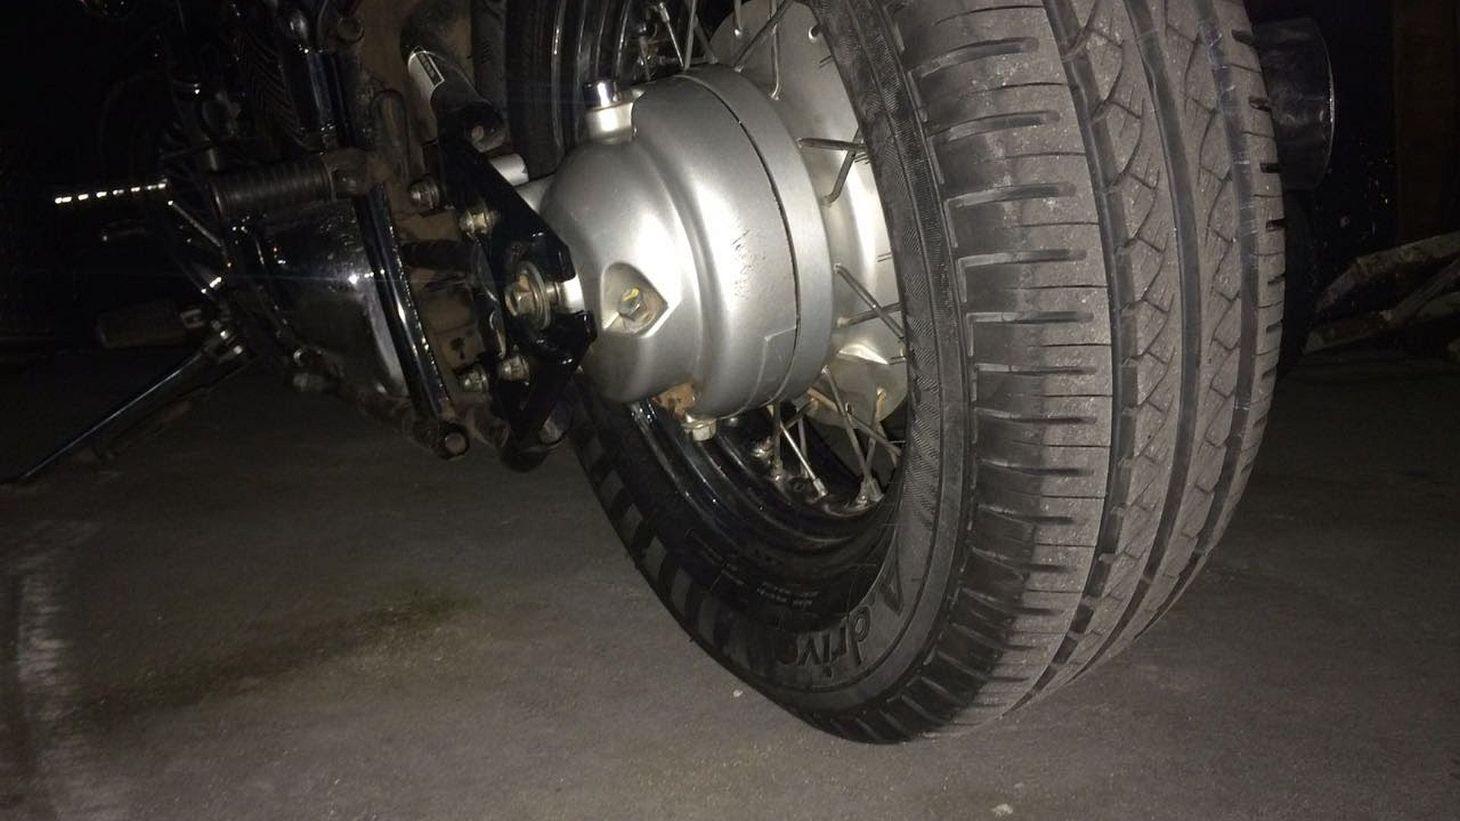 pneu de carro instalado em moto foto continental